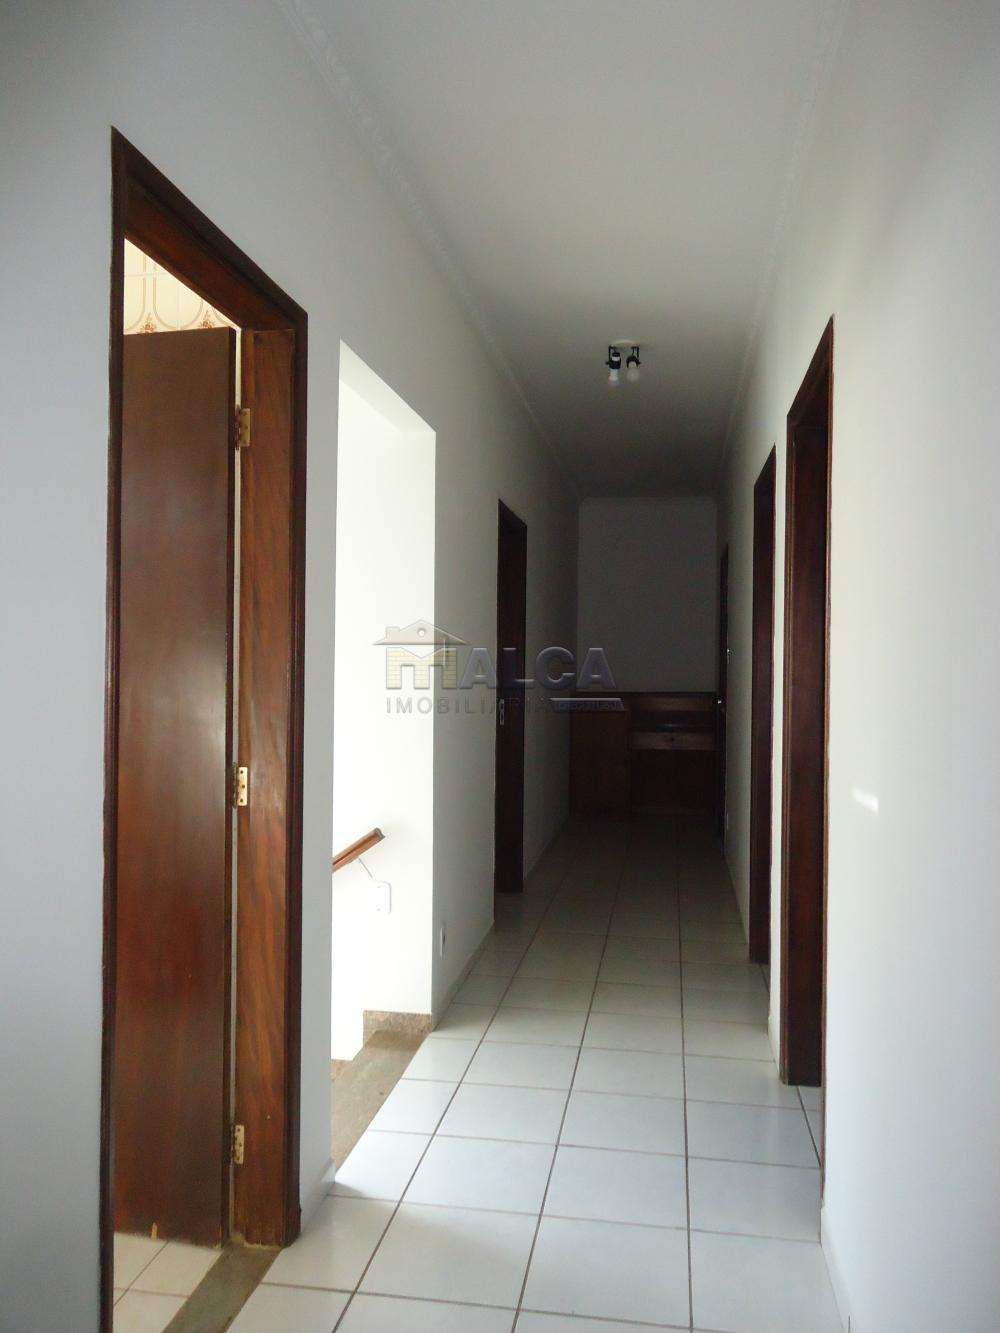 Alugar Casas / Padrão em São José do Rio Pardo apenas R$ 5.500,00 - Foto 13